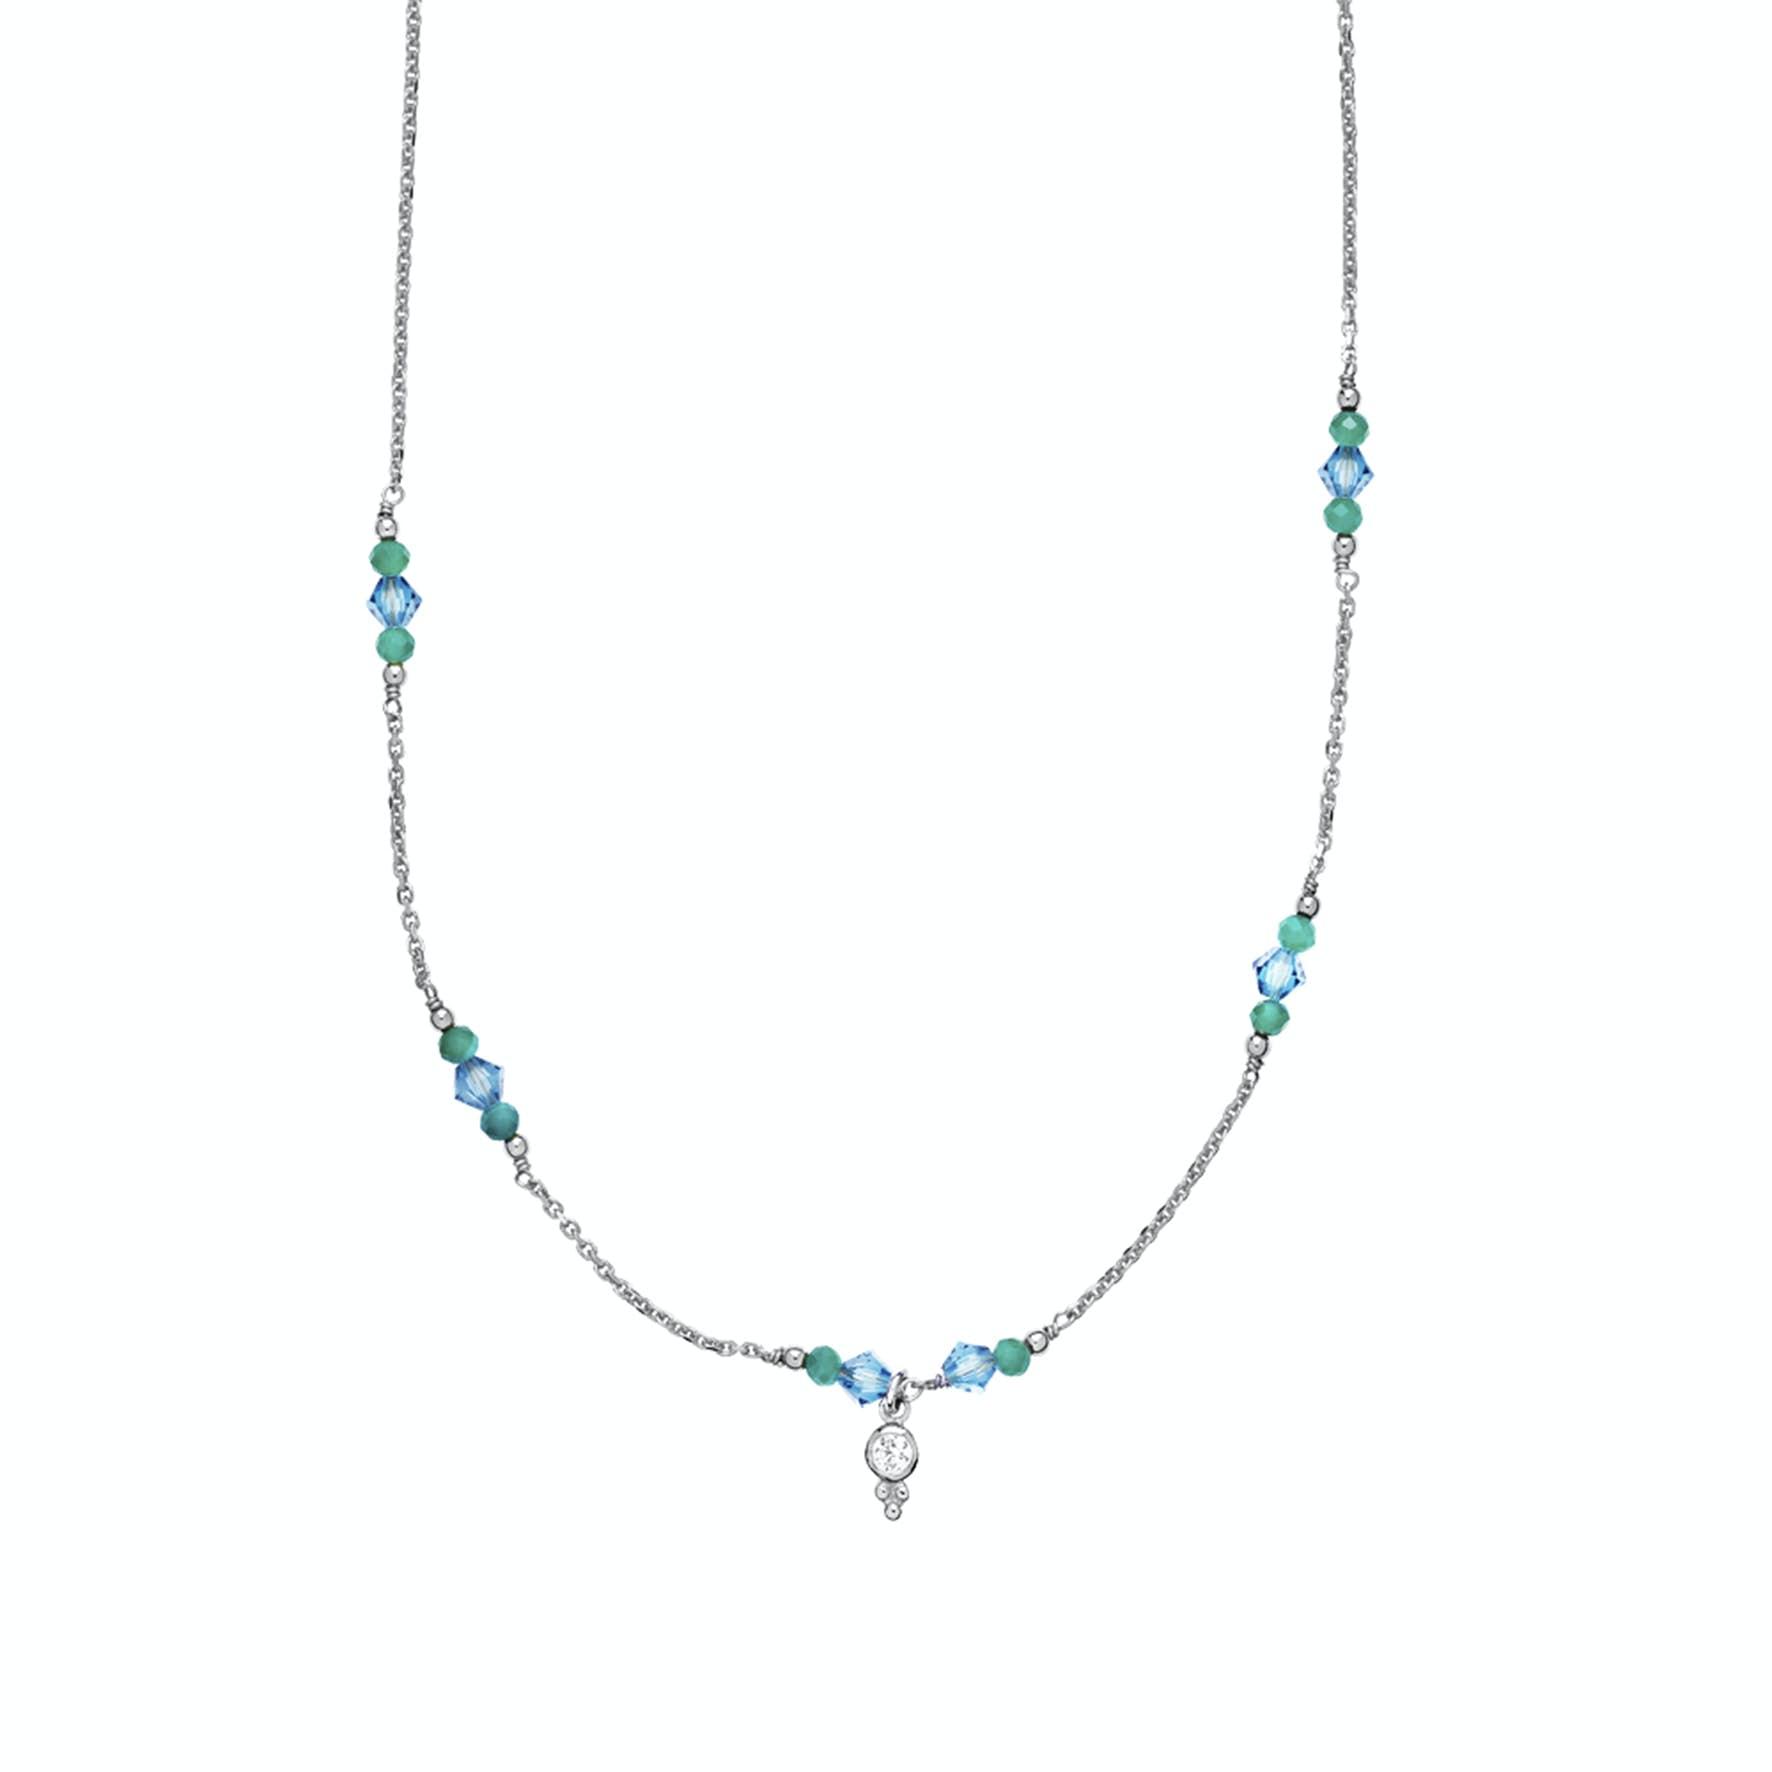 Sofie By Sistie Necklace von Sistie in Silber Sterling 925|Blank